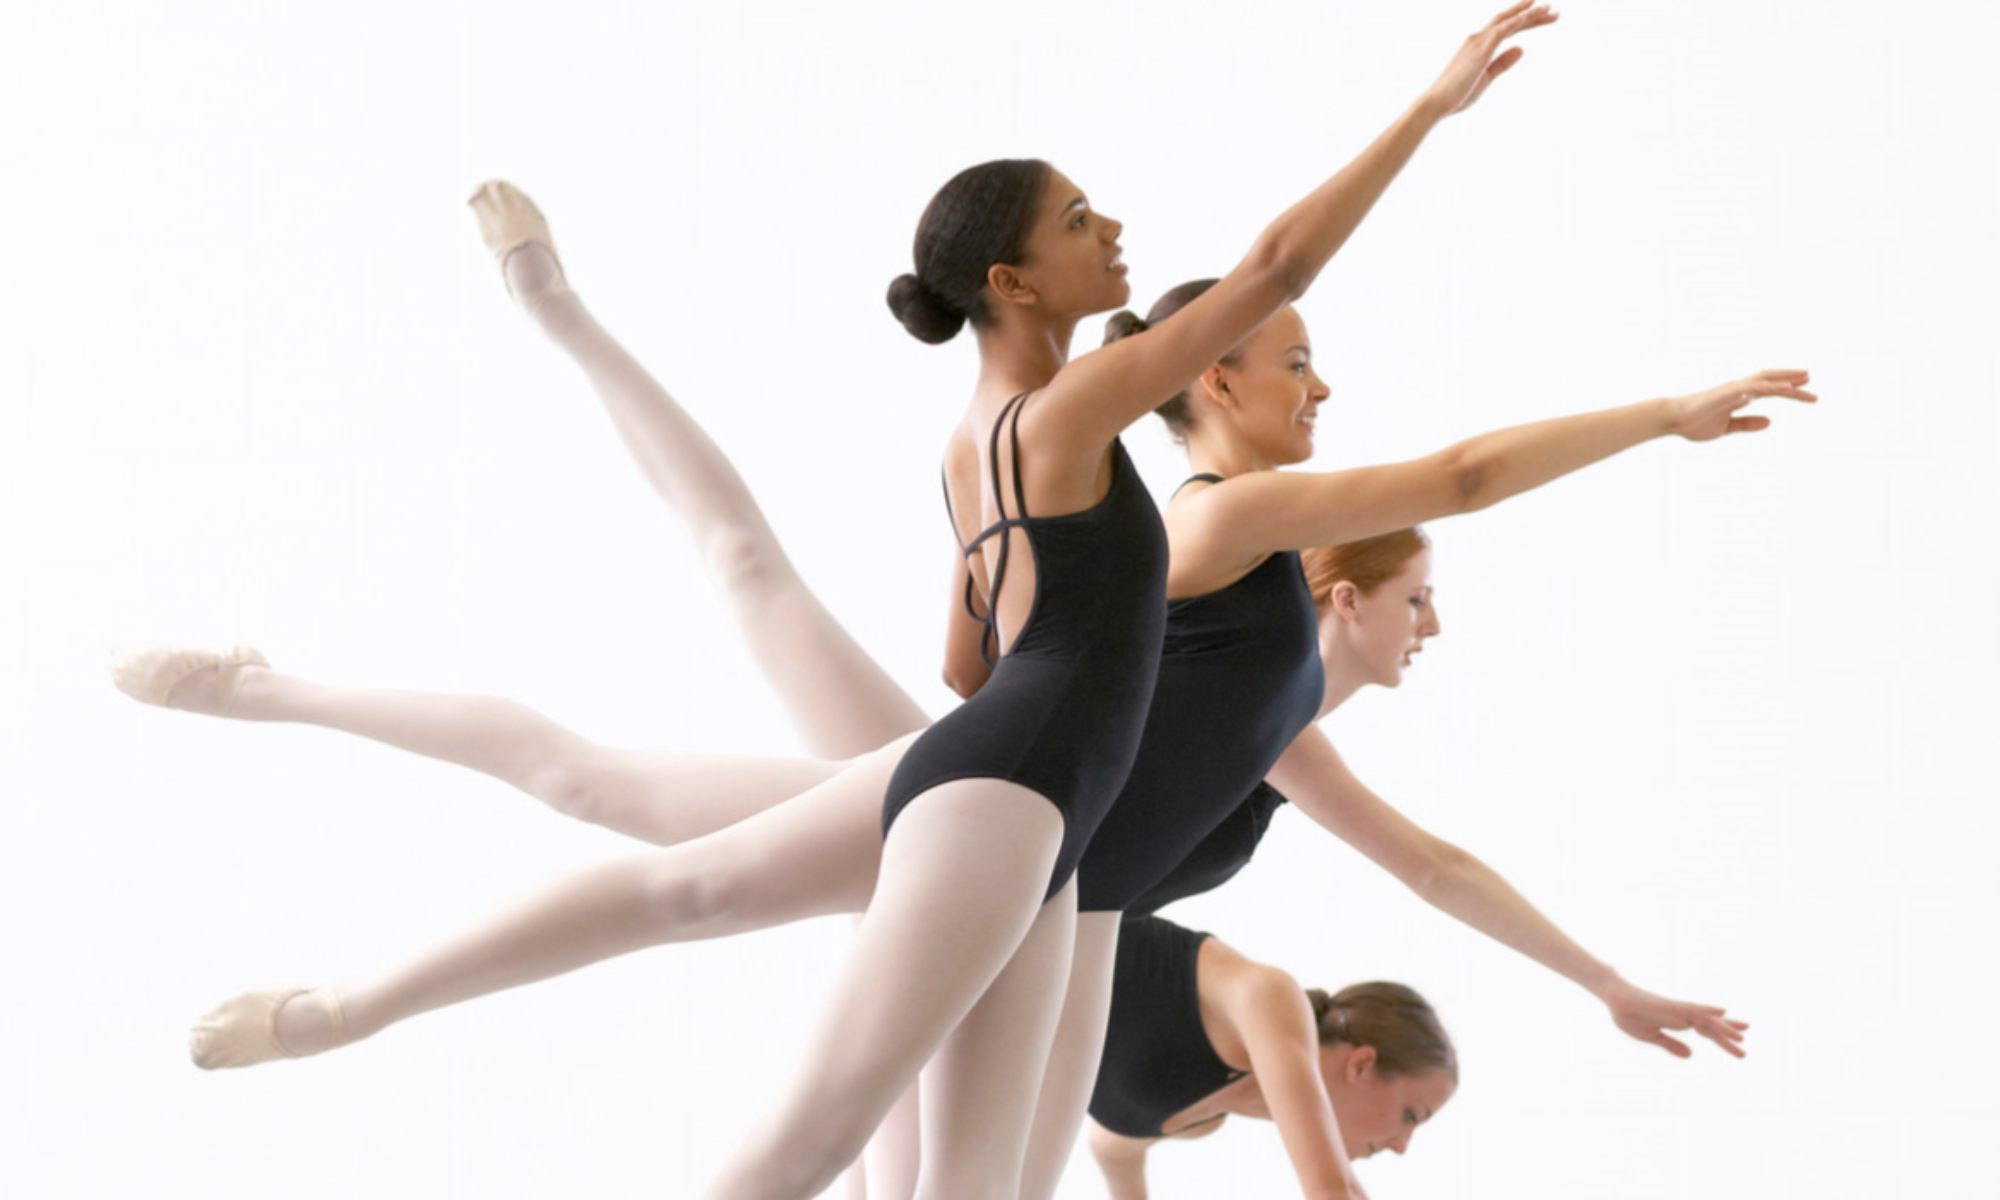 Laud Ballet School